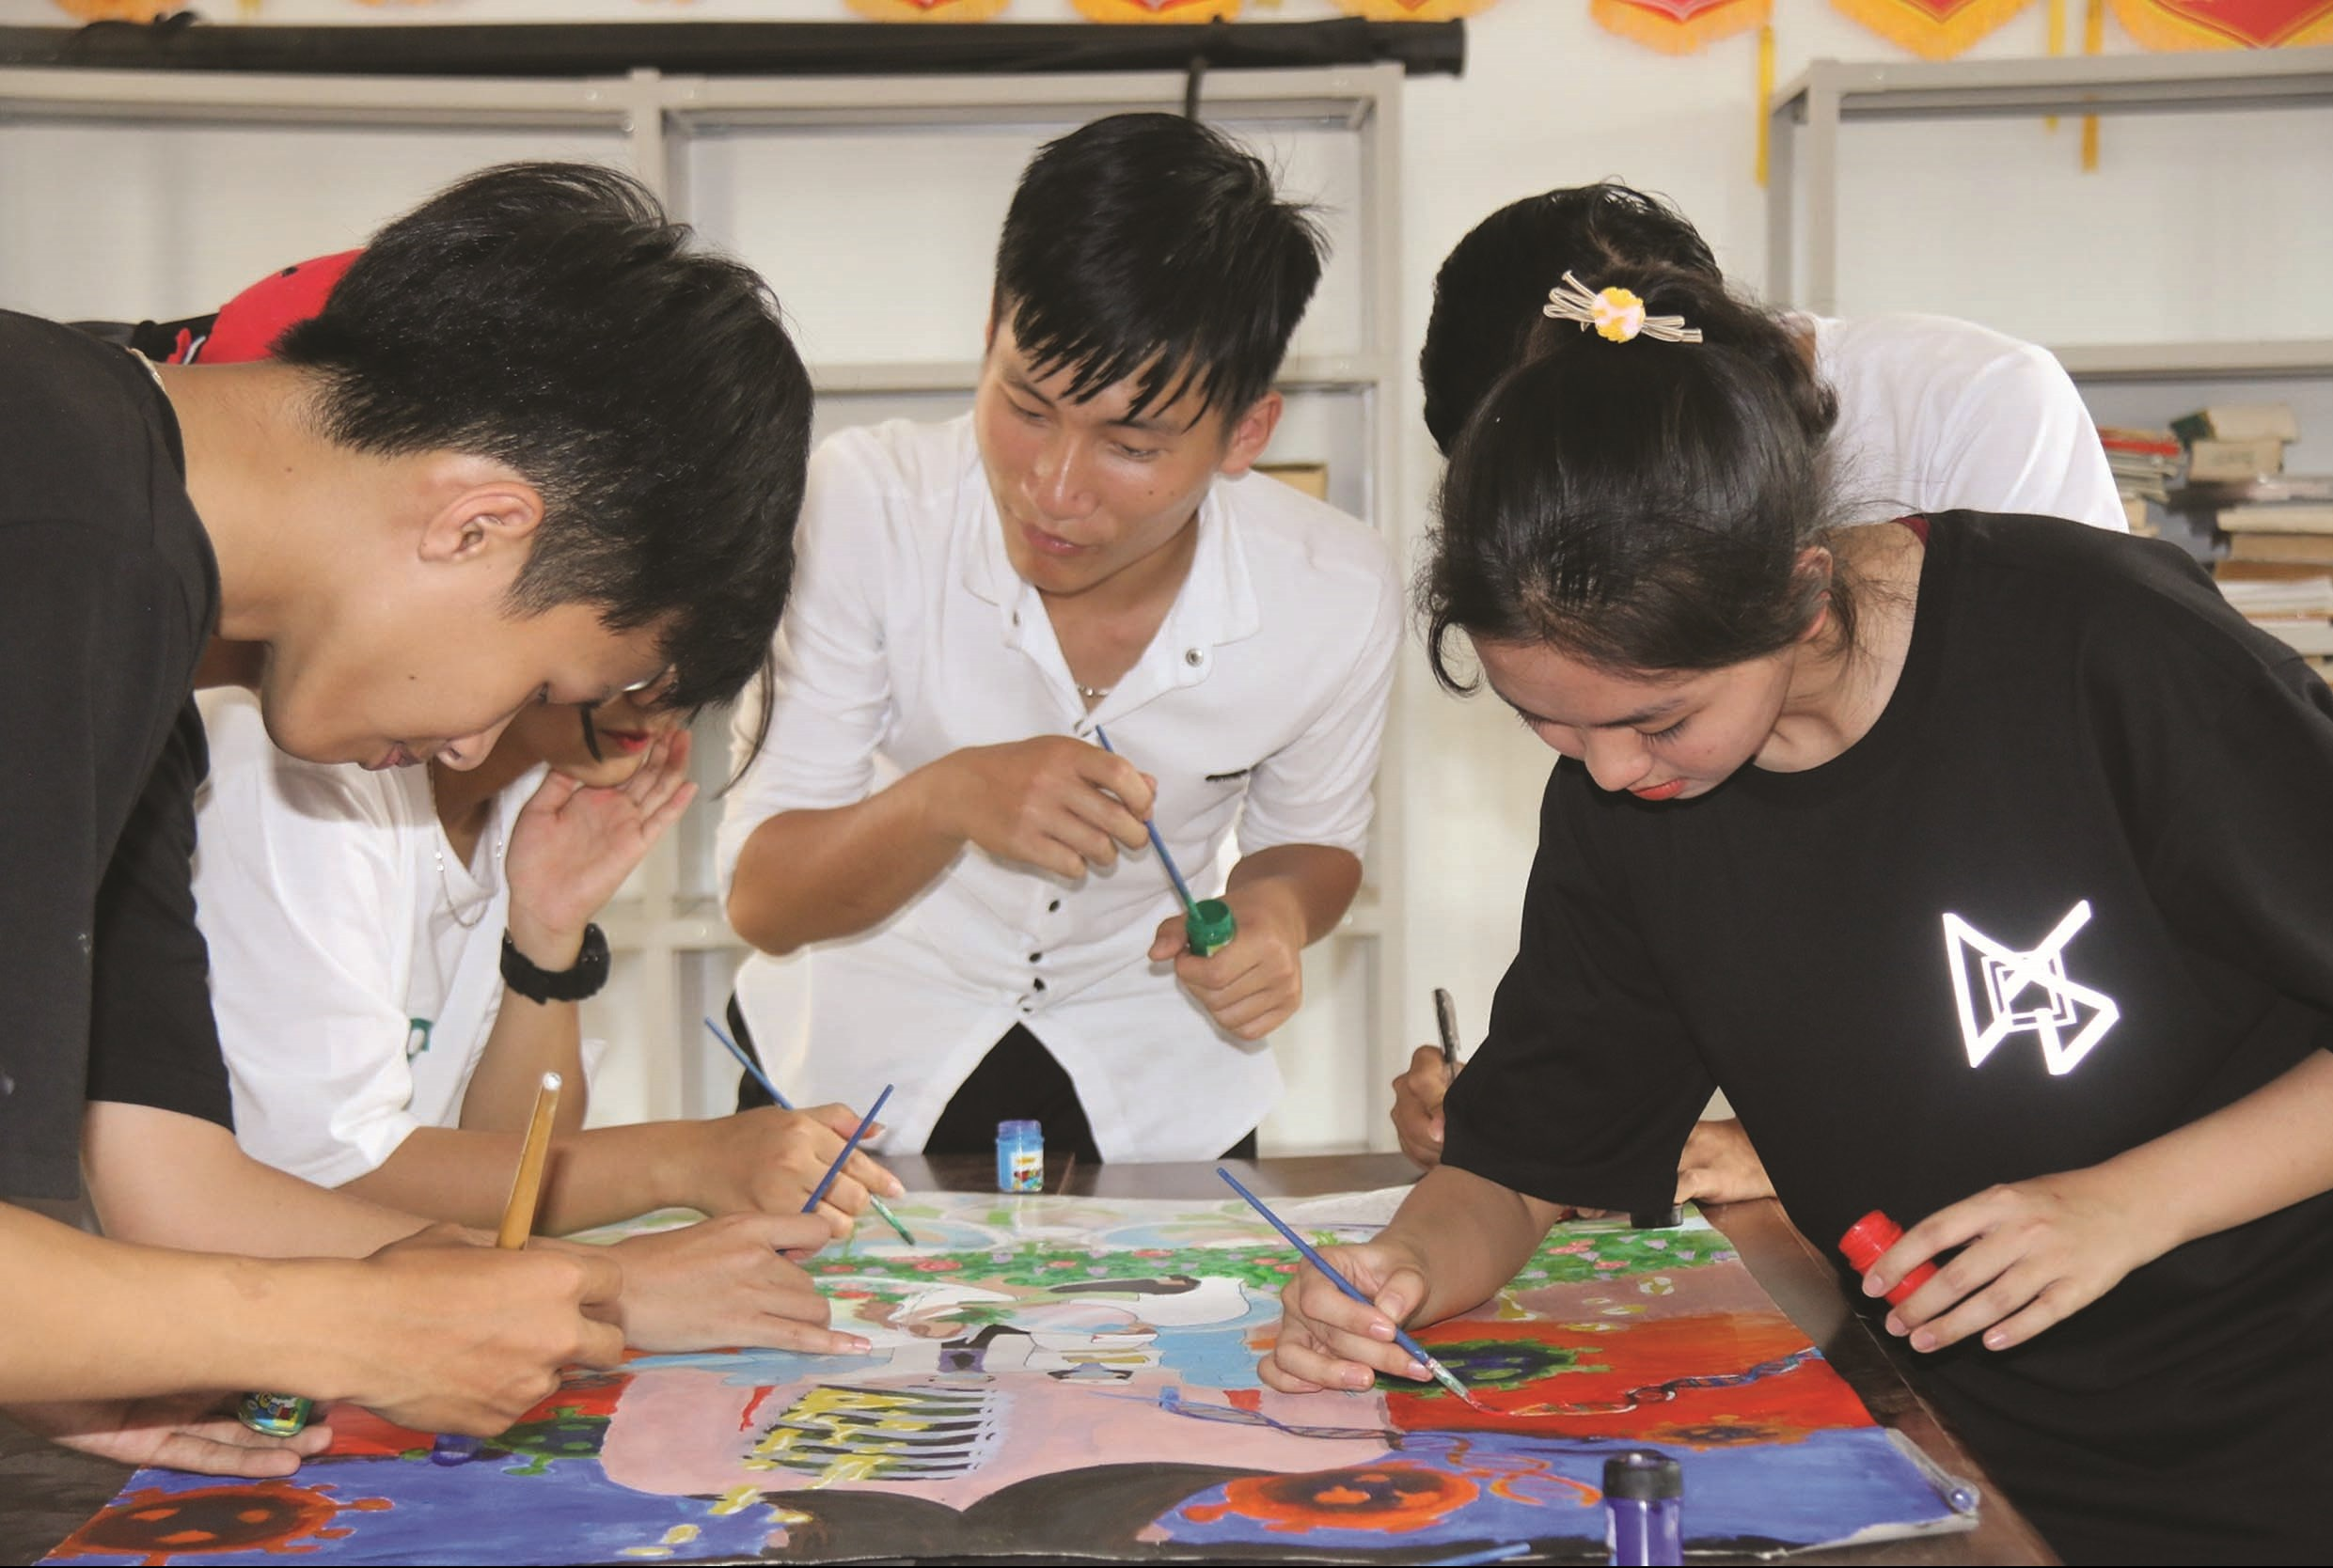 Các em học sinh cùng tham gia vẽ tranh